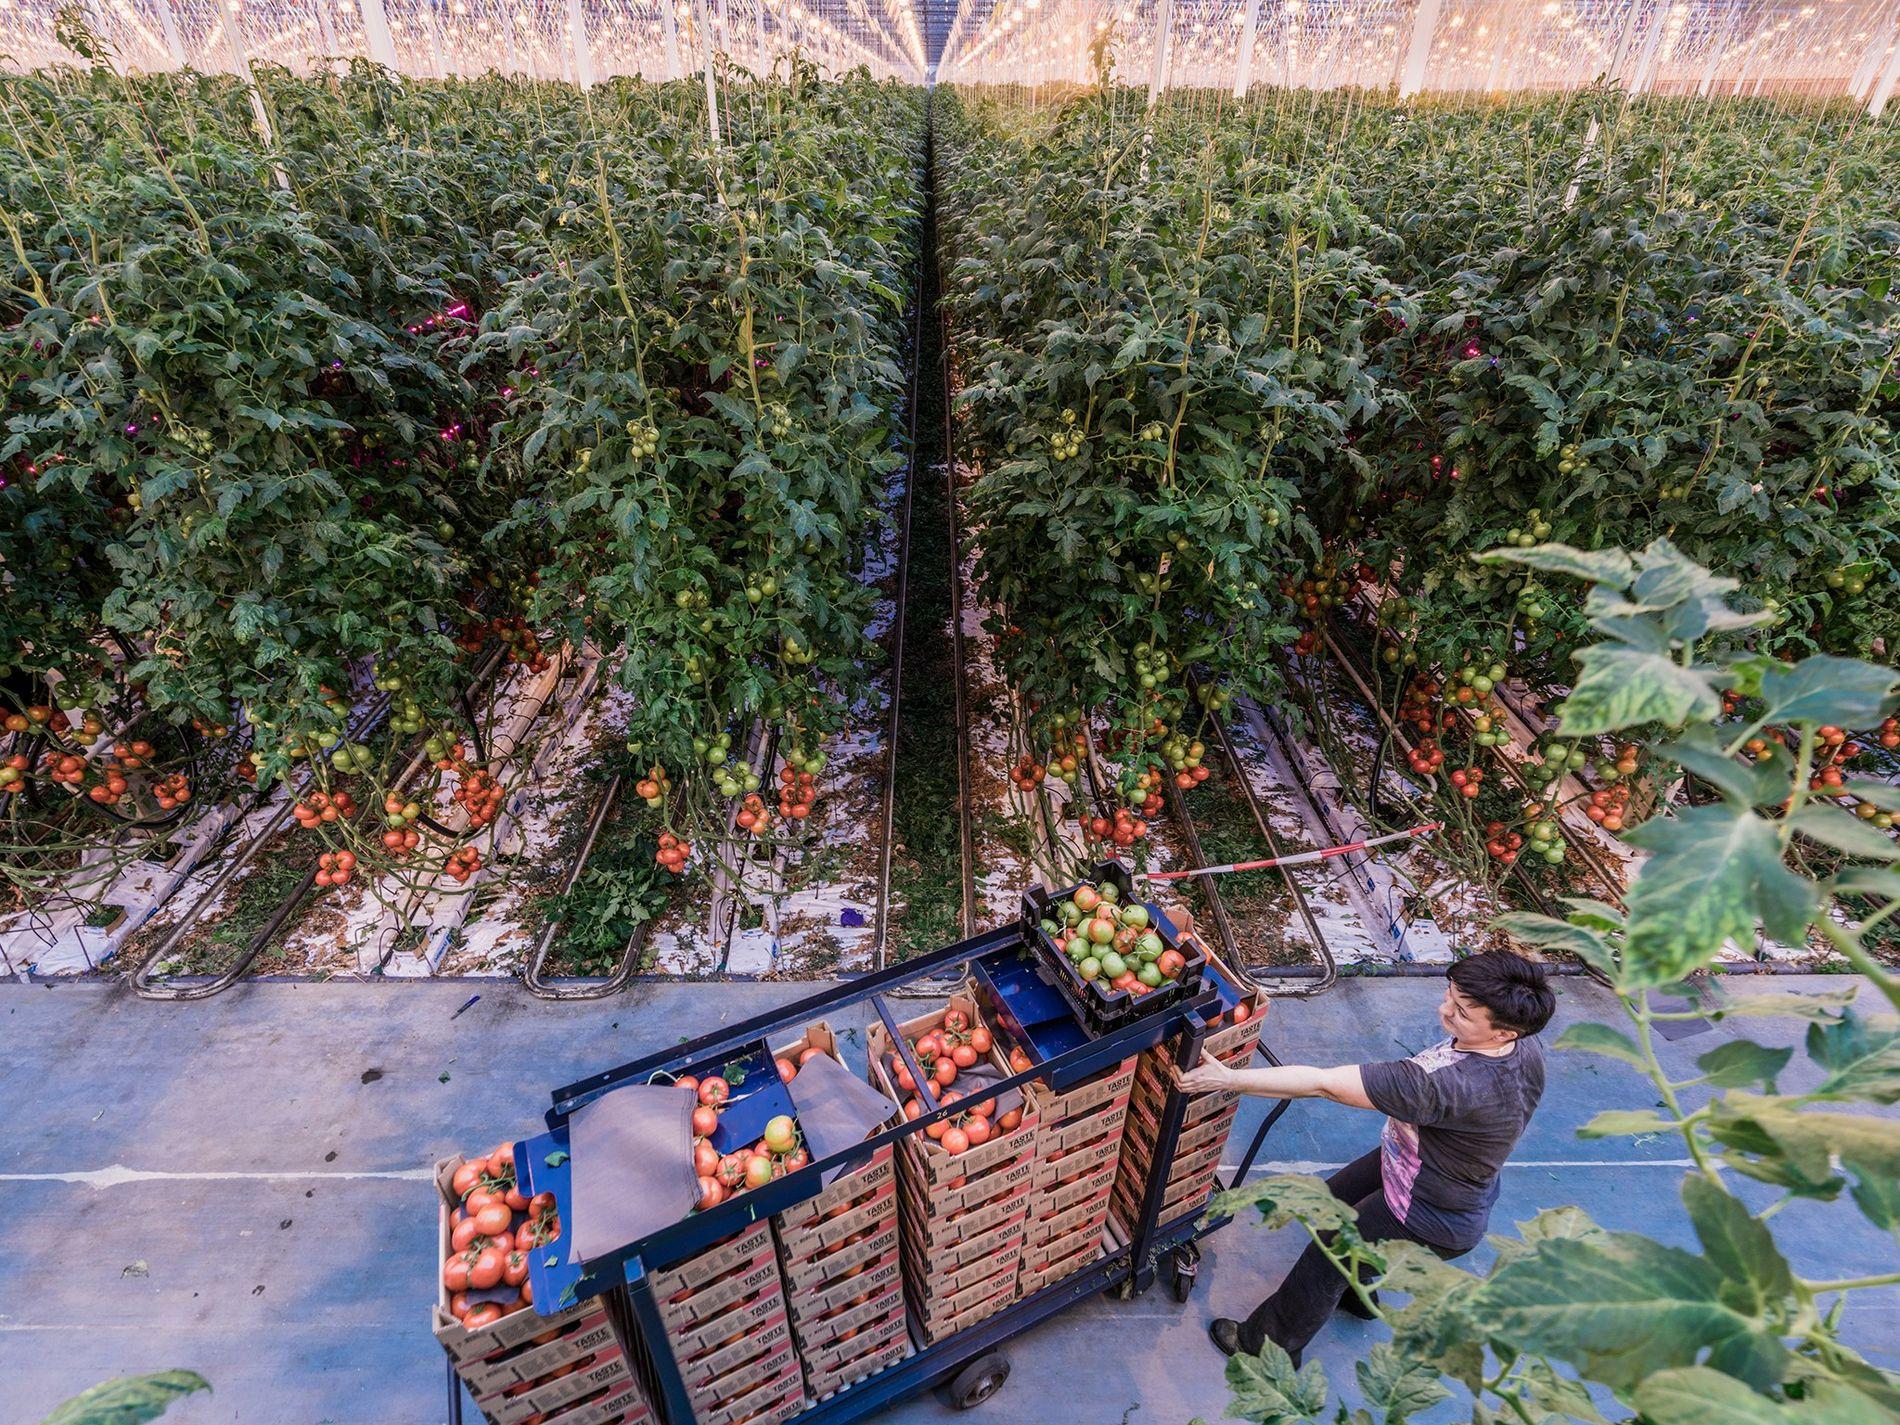 Un informe reciente analiza opciones que garanticen una alimentación saludable para una población mundial en crecimiento, ...